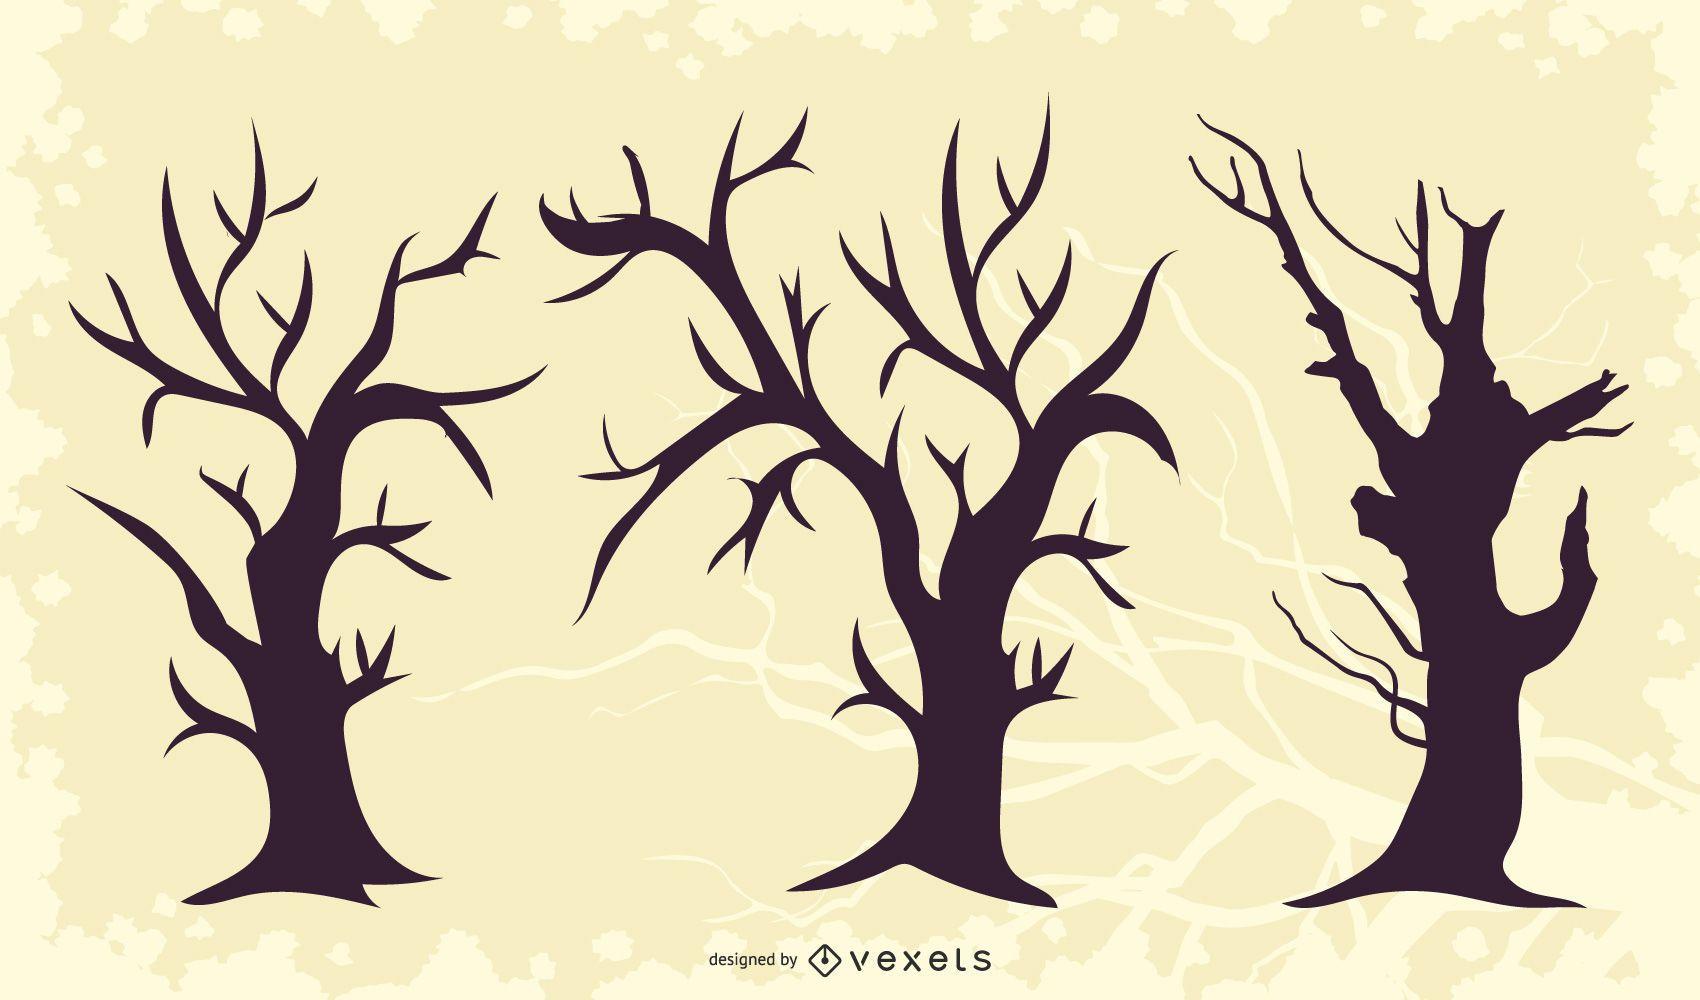 Silueta de paquete de árbol torcido muerto